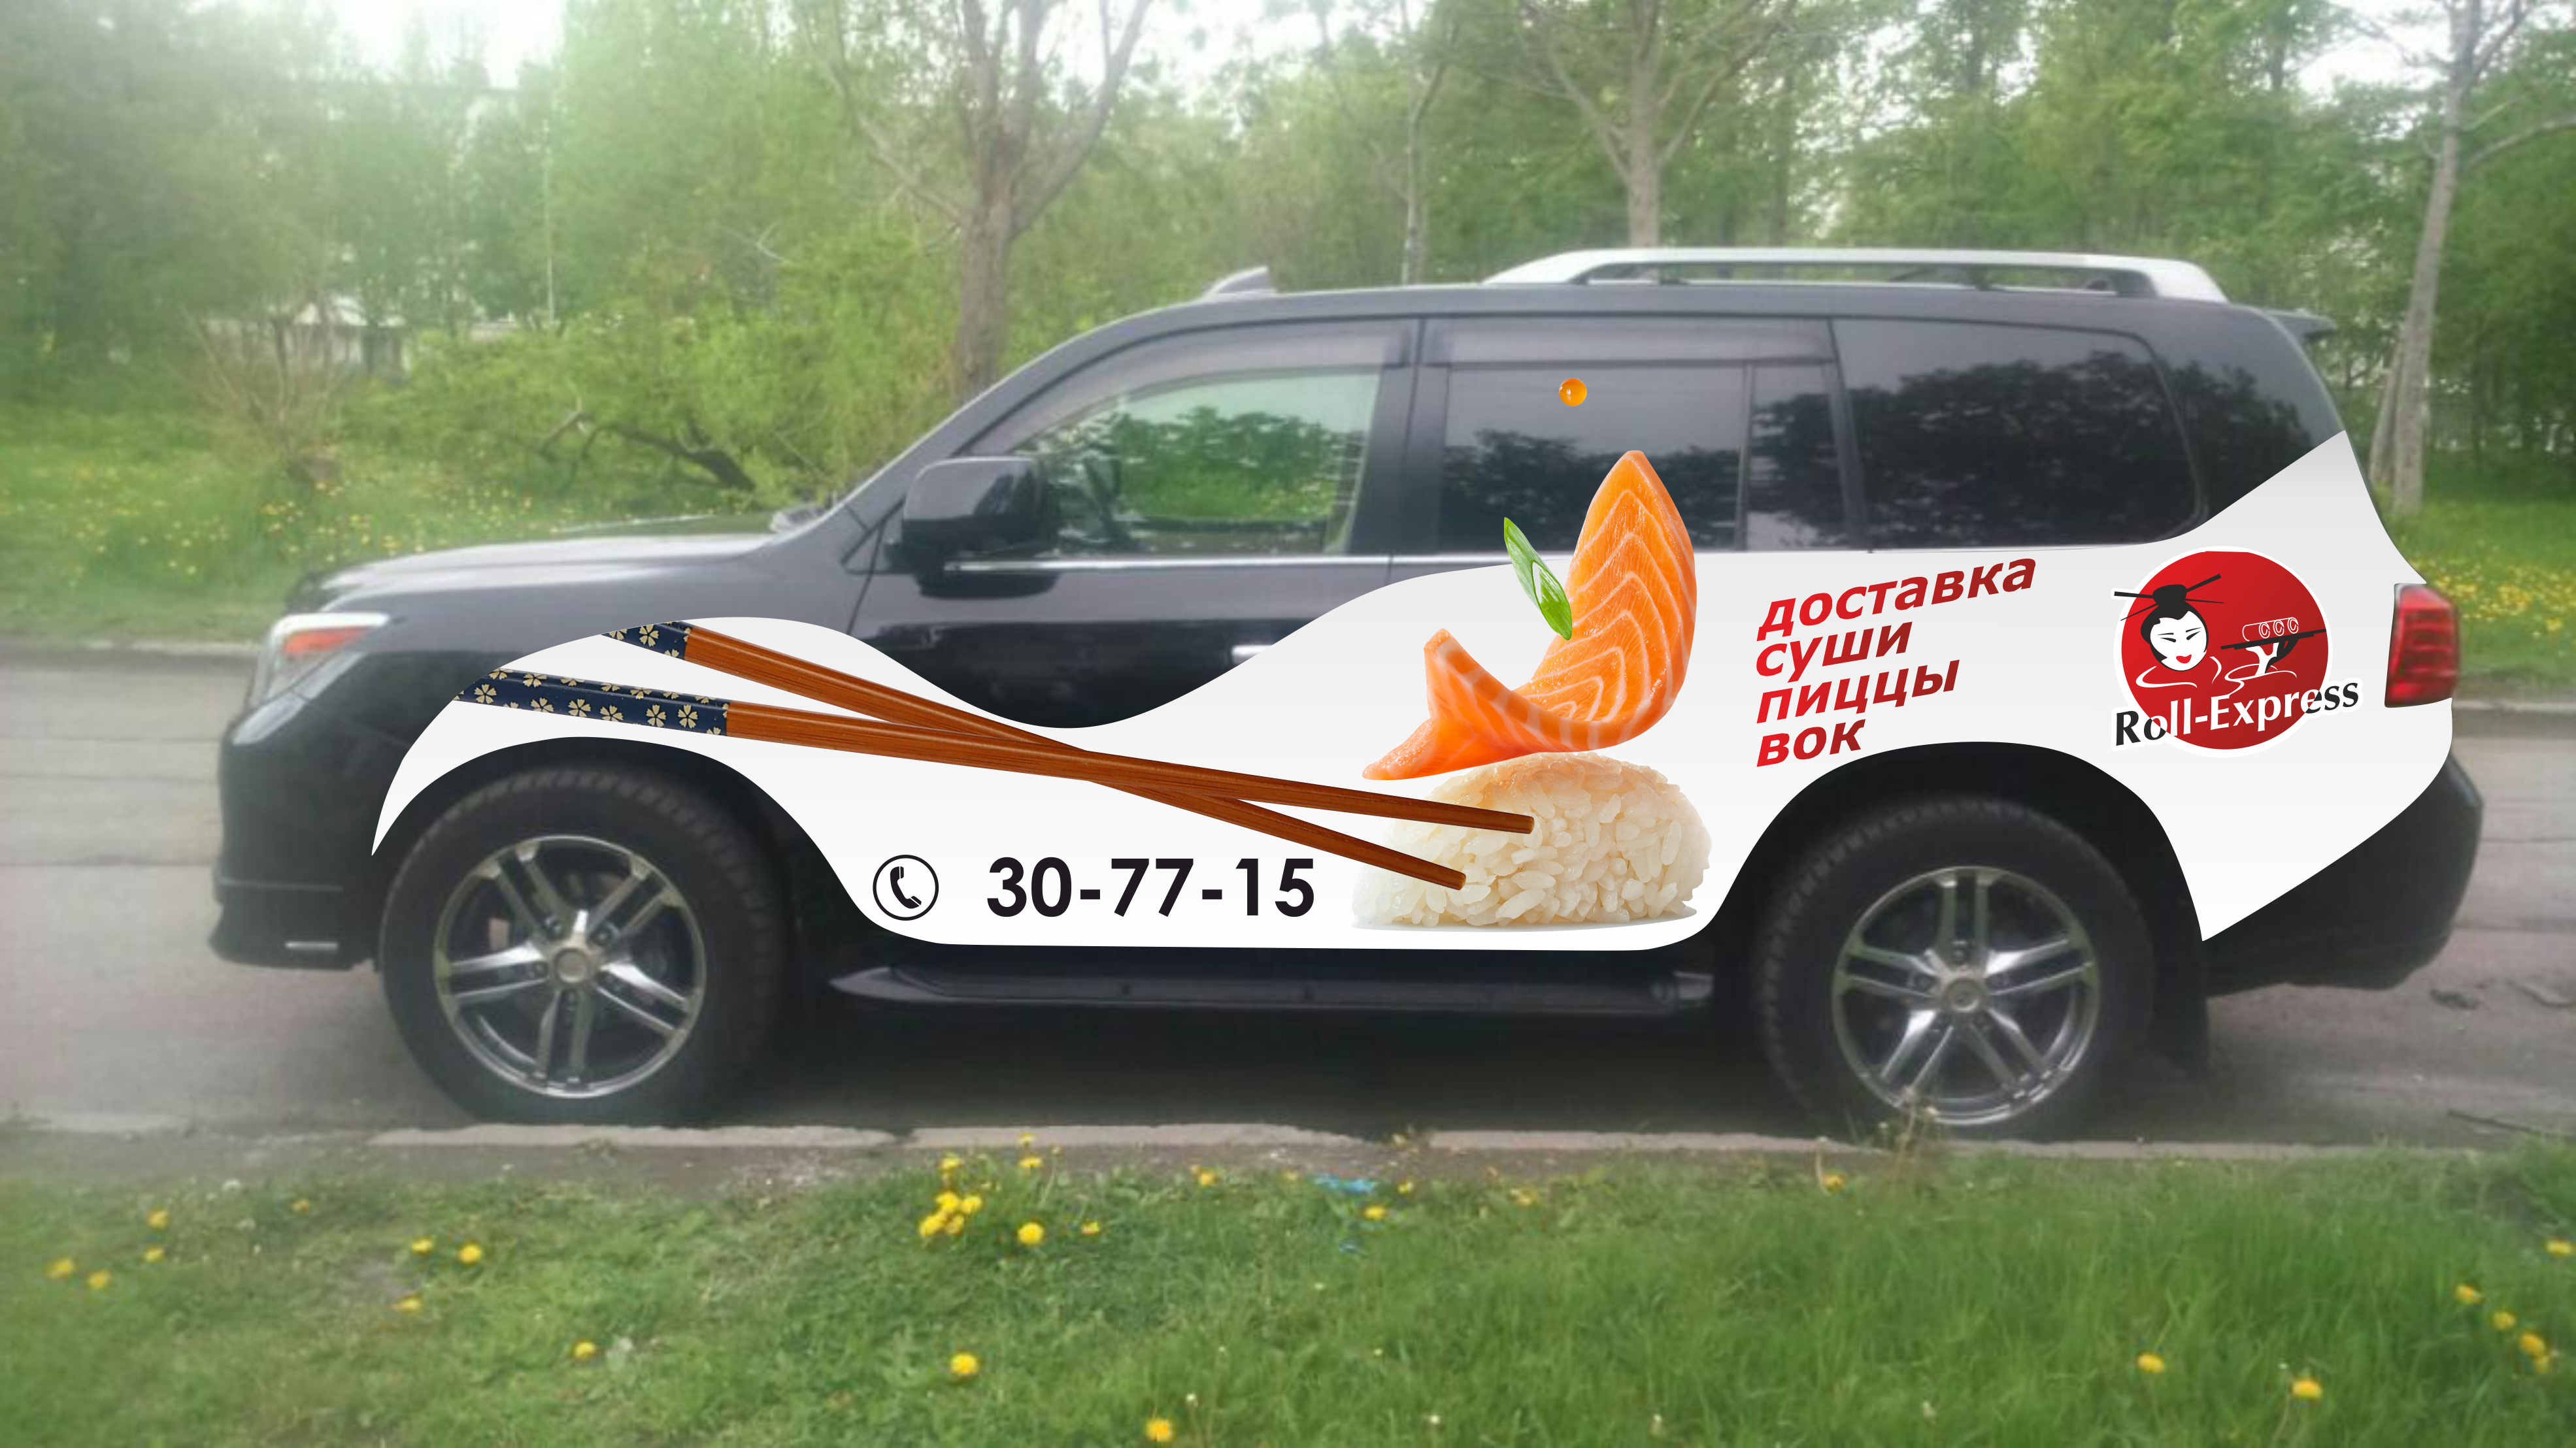 Брендирование авто доставка роллов